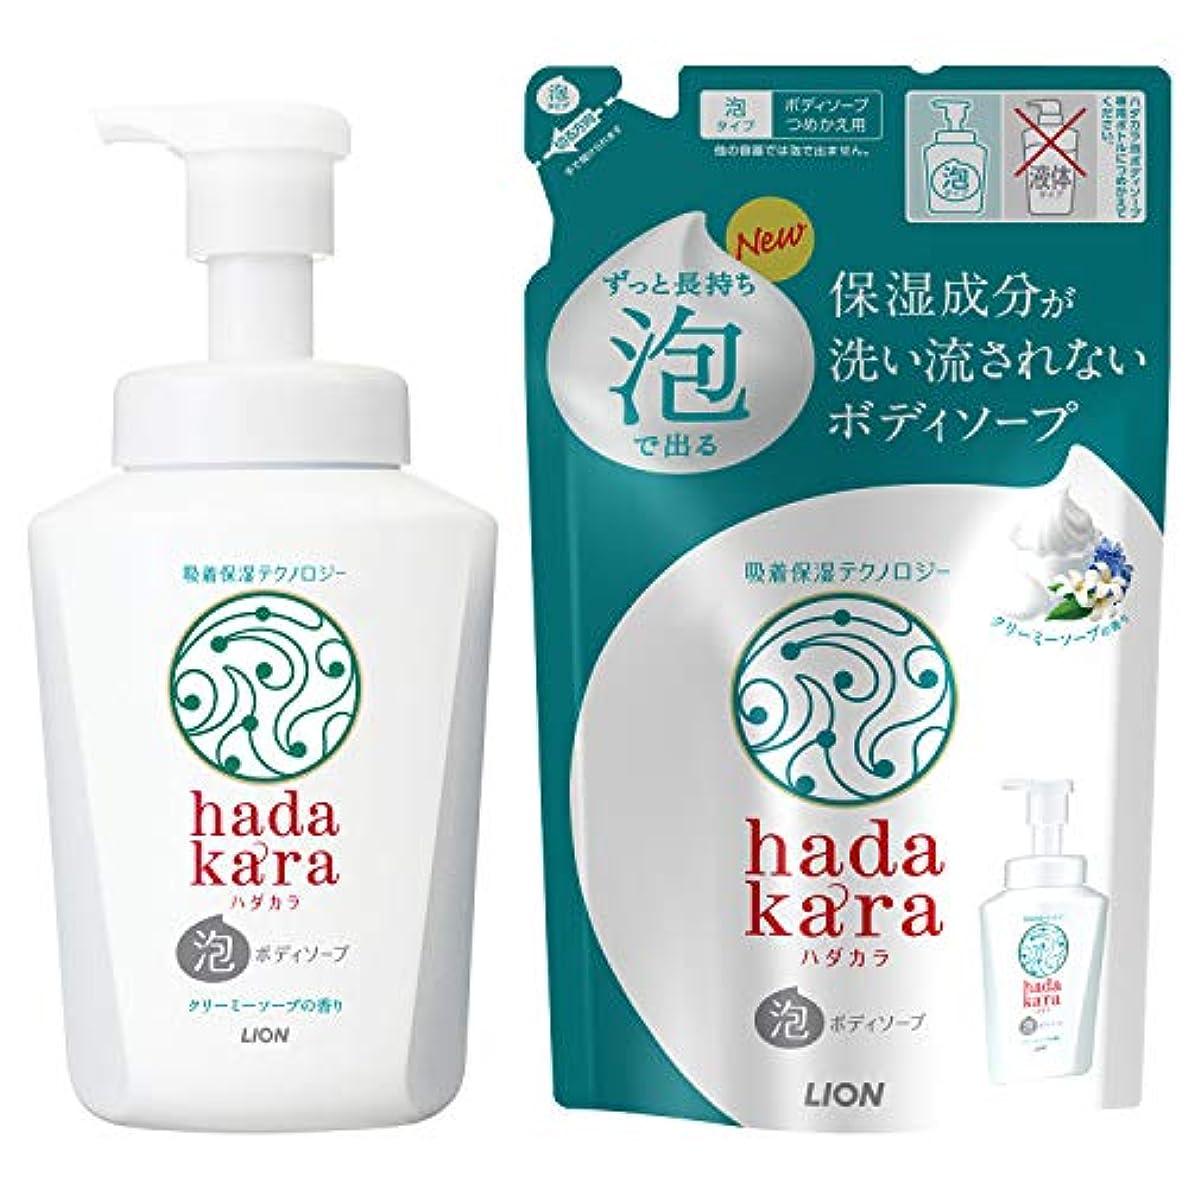 熟達した半ばはがきhadakara(ハダカラ) ボディソープ 泡タイプ クリーミーソープの香り 本体550ml+詰替440ml